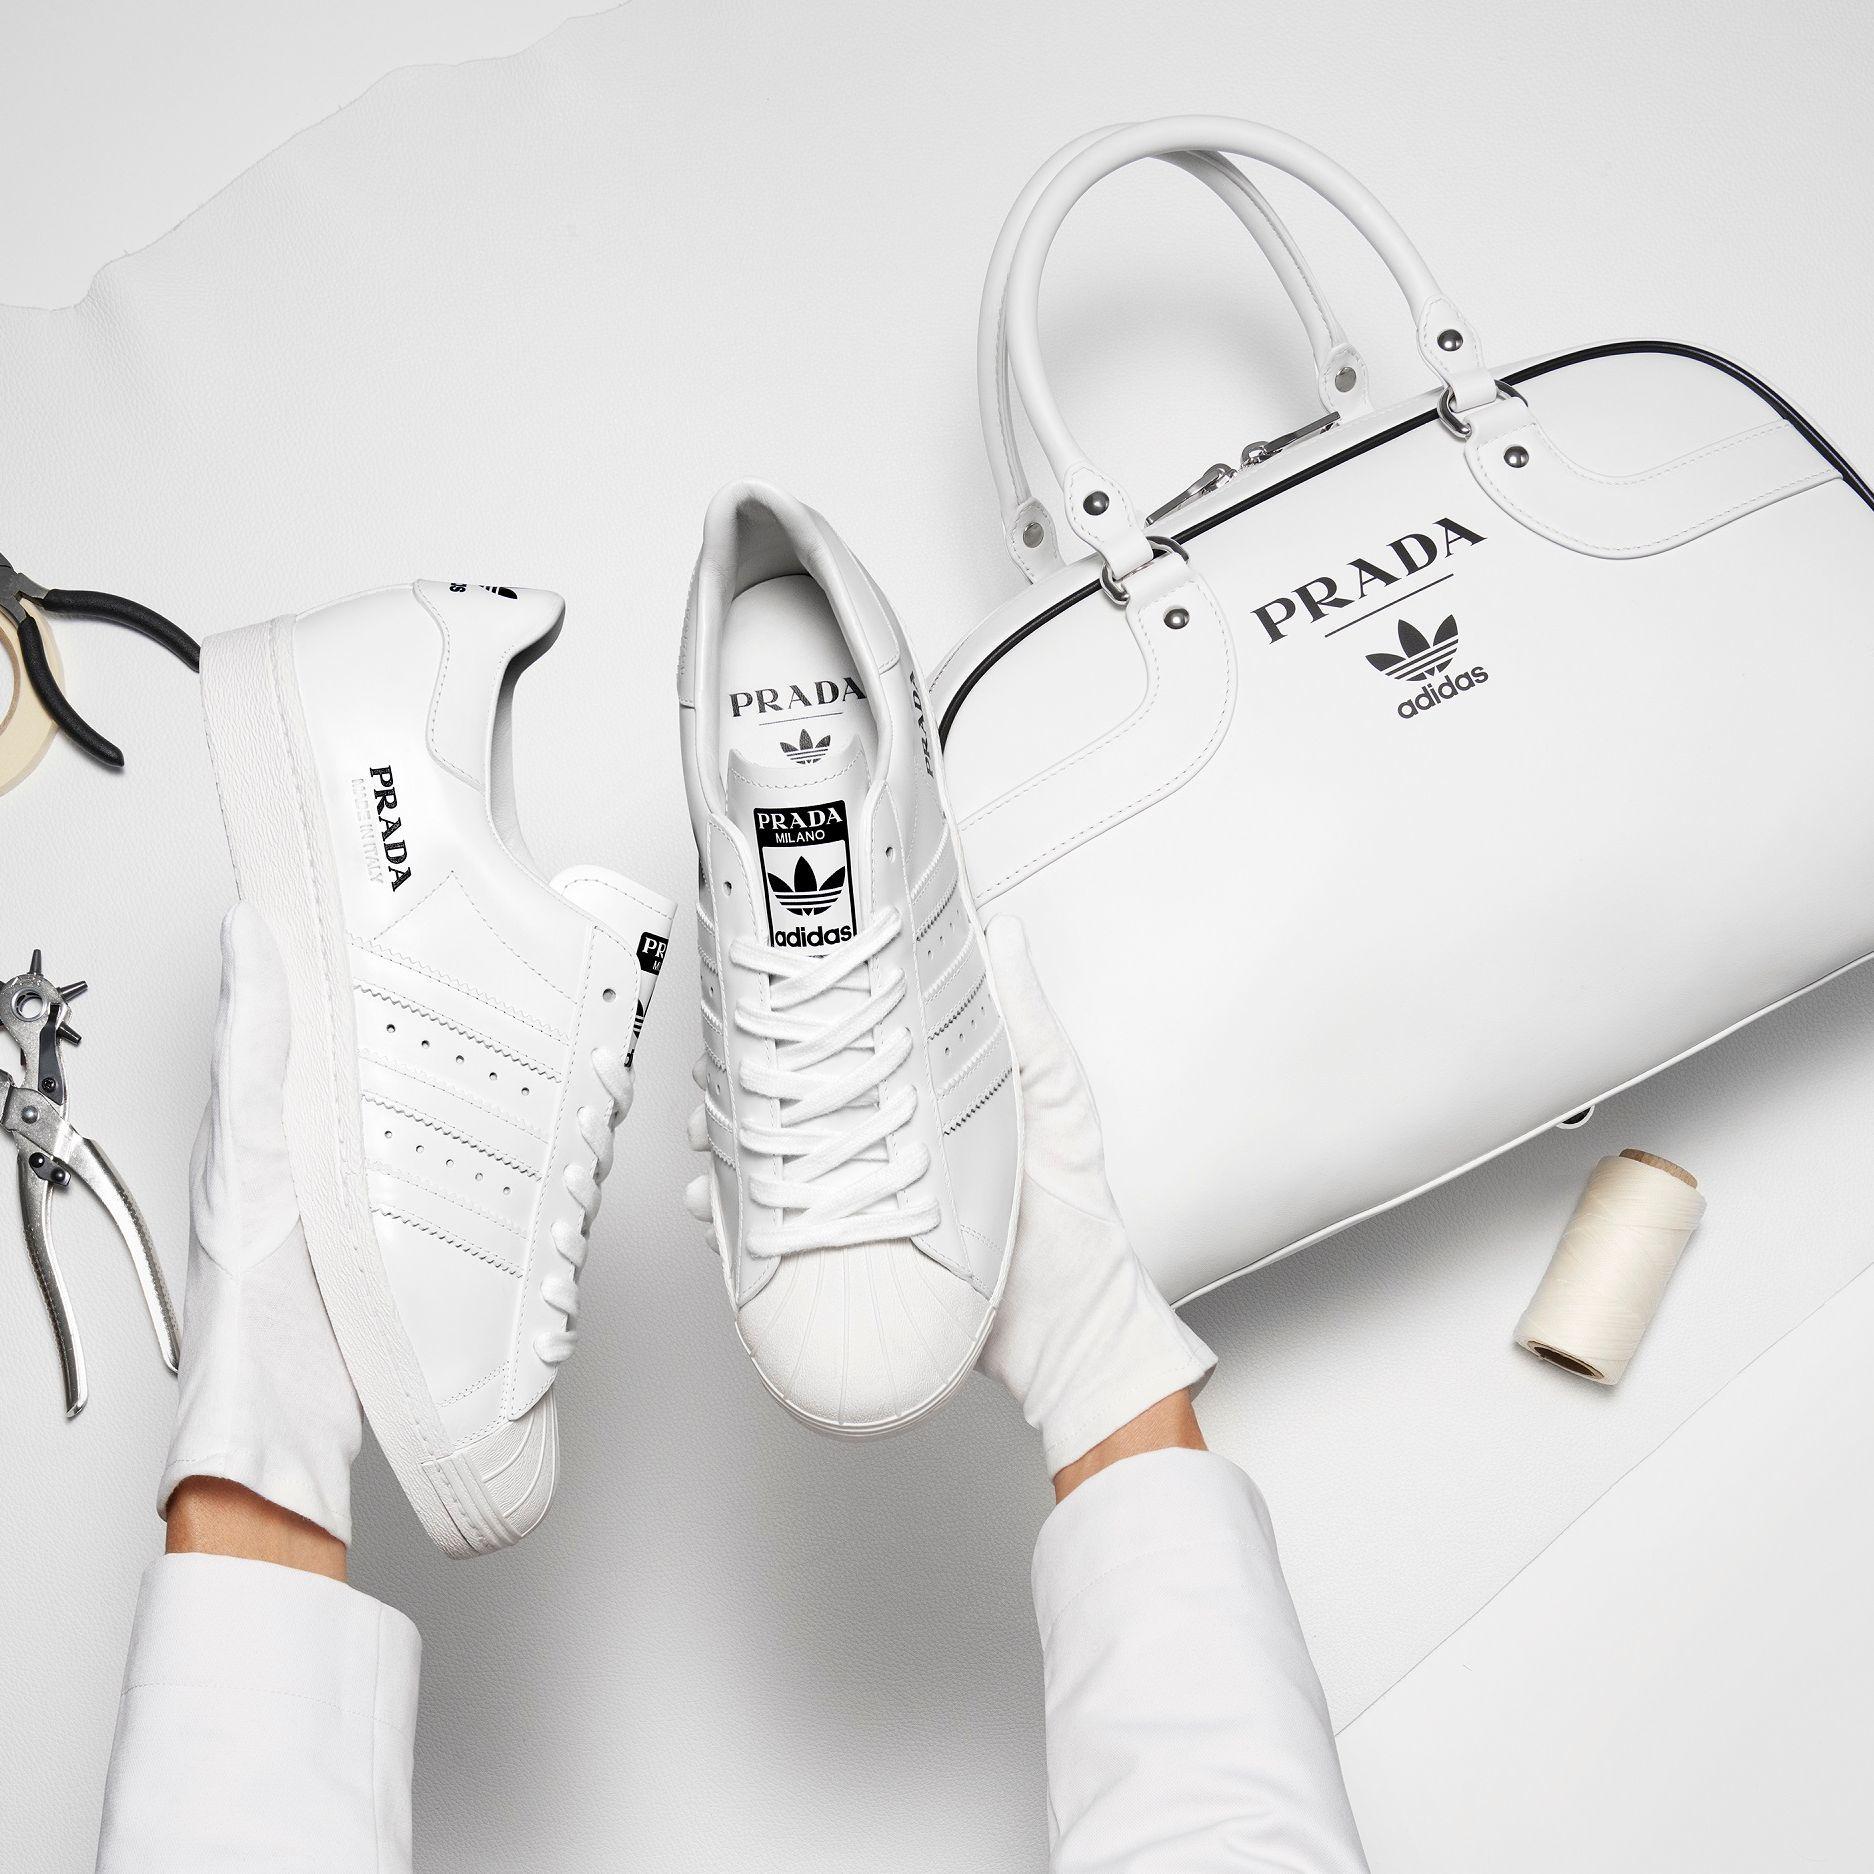 Prada for adidas 限量聯名系列